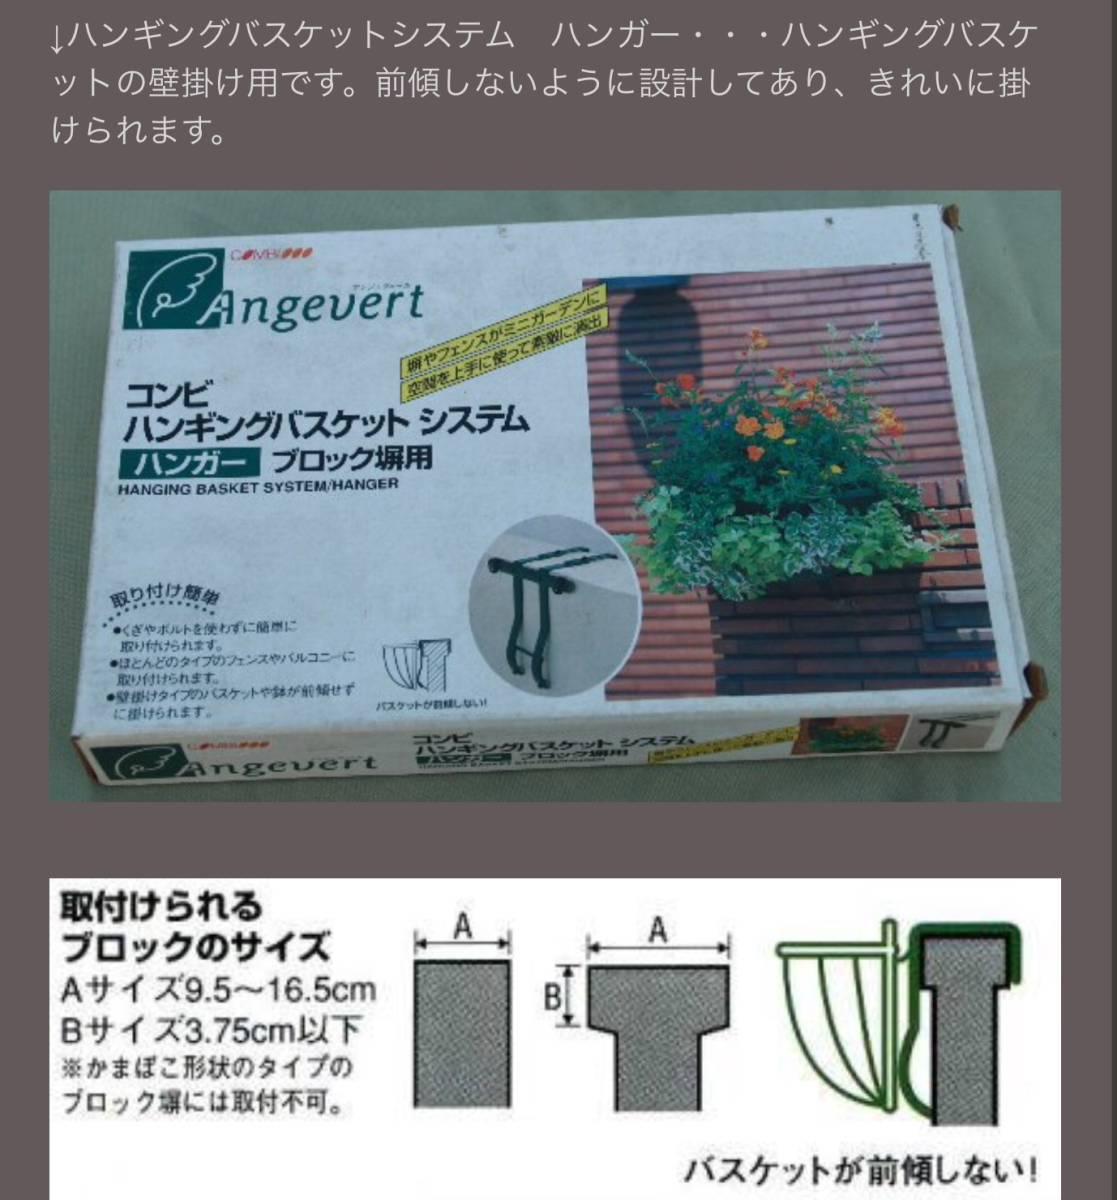 送料込み コンビ ハンギングバスケット システム★ブロック塀用 4本セット_画像5